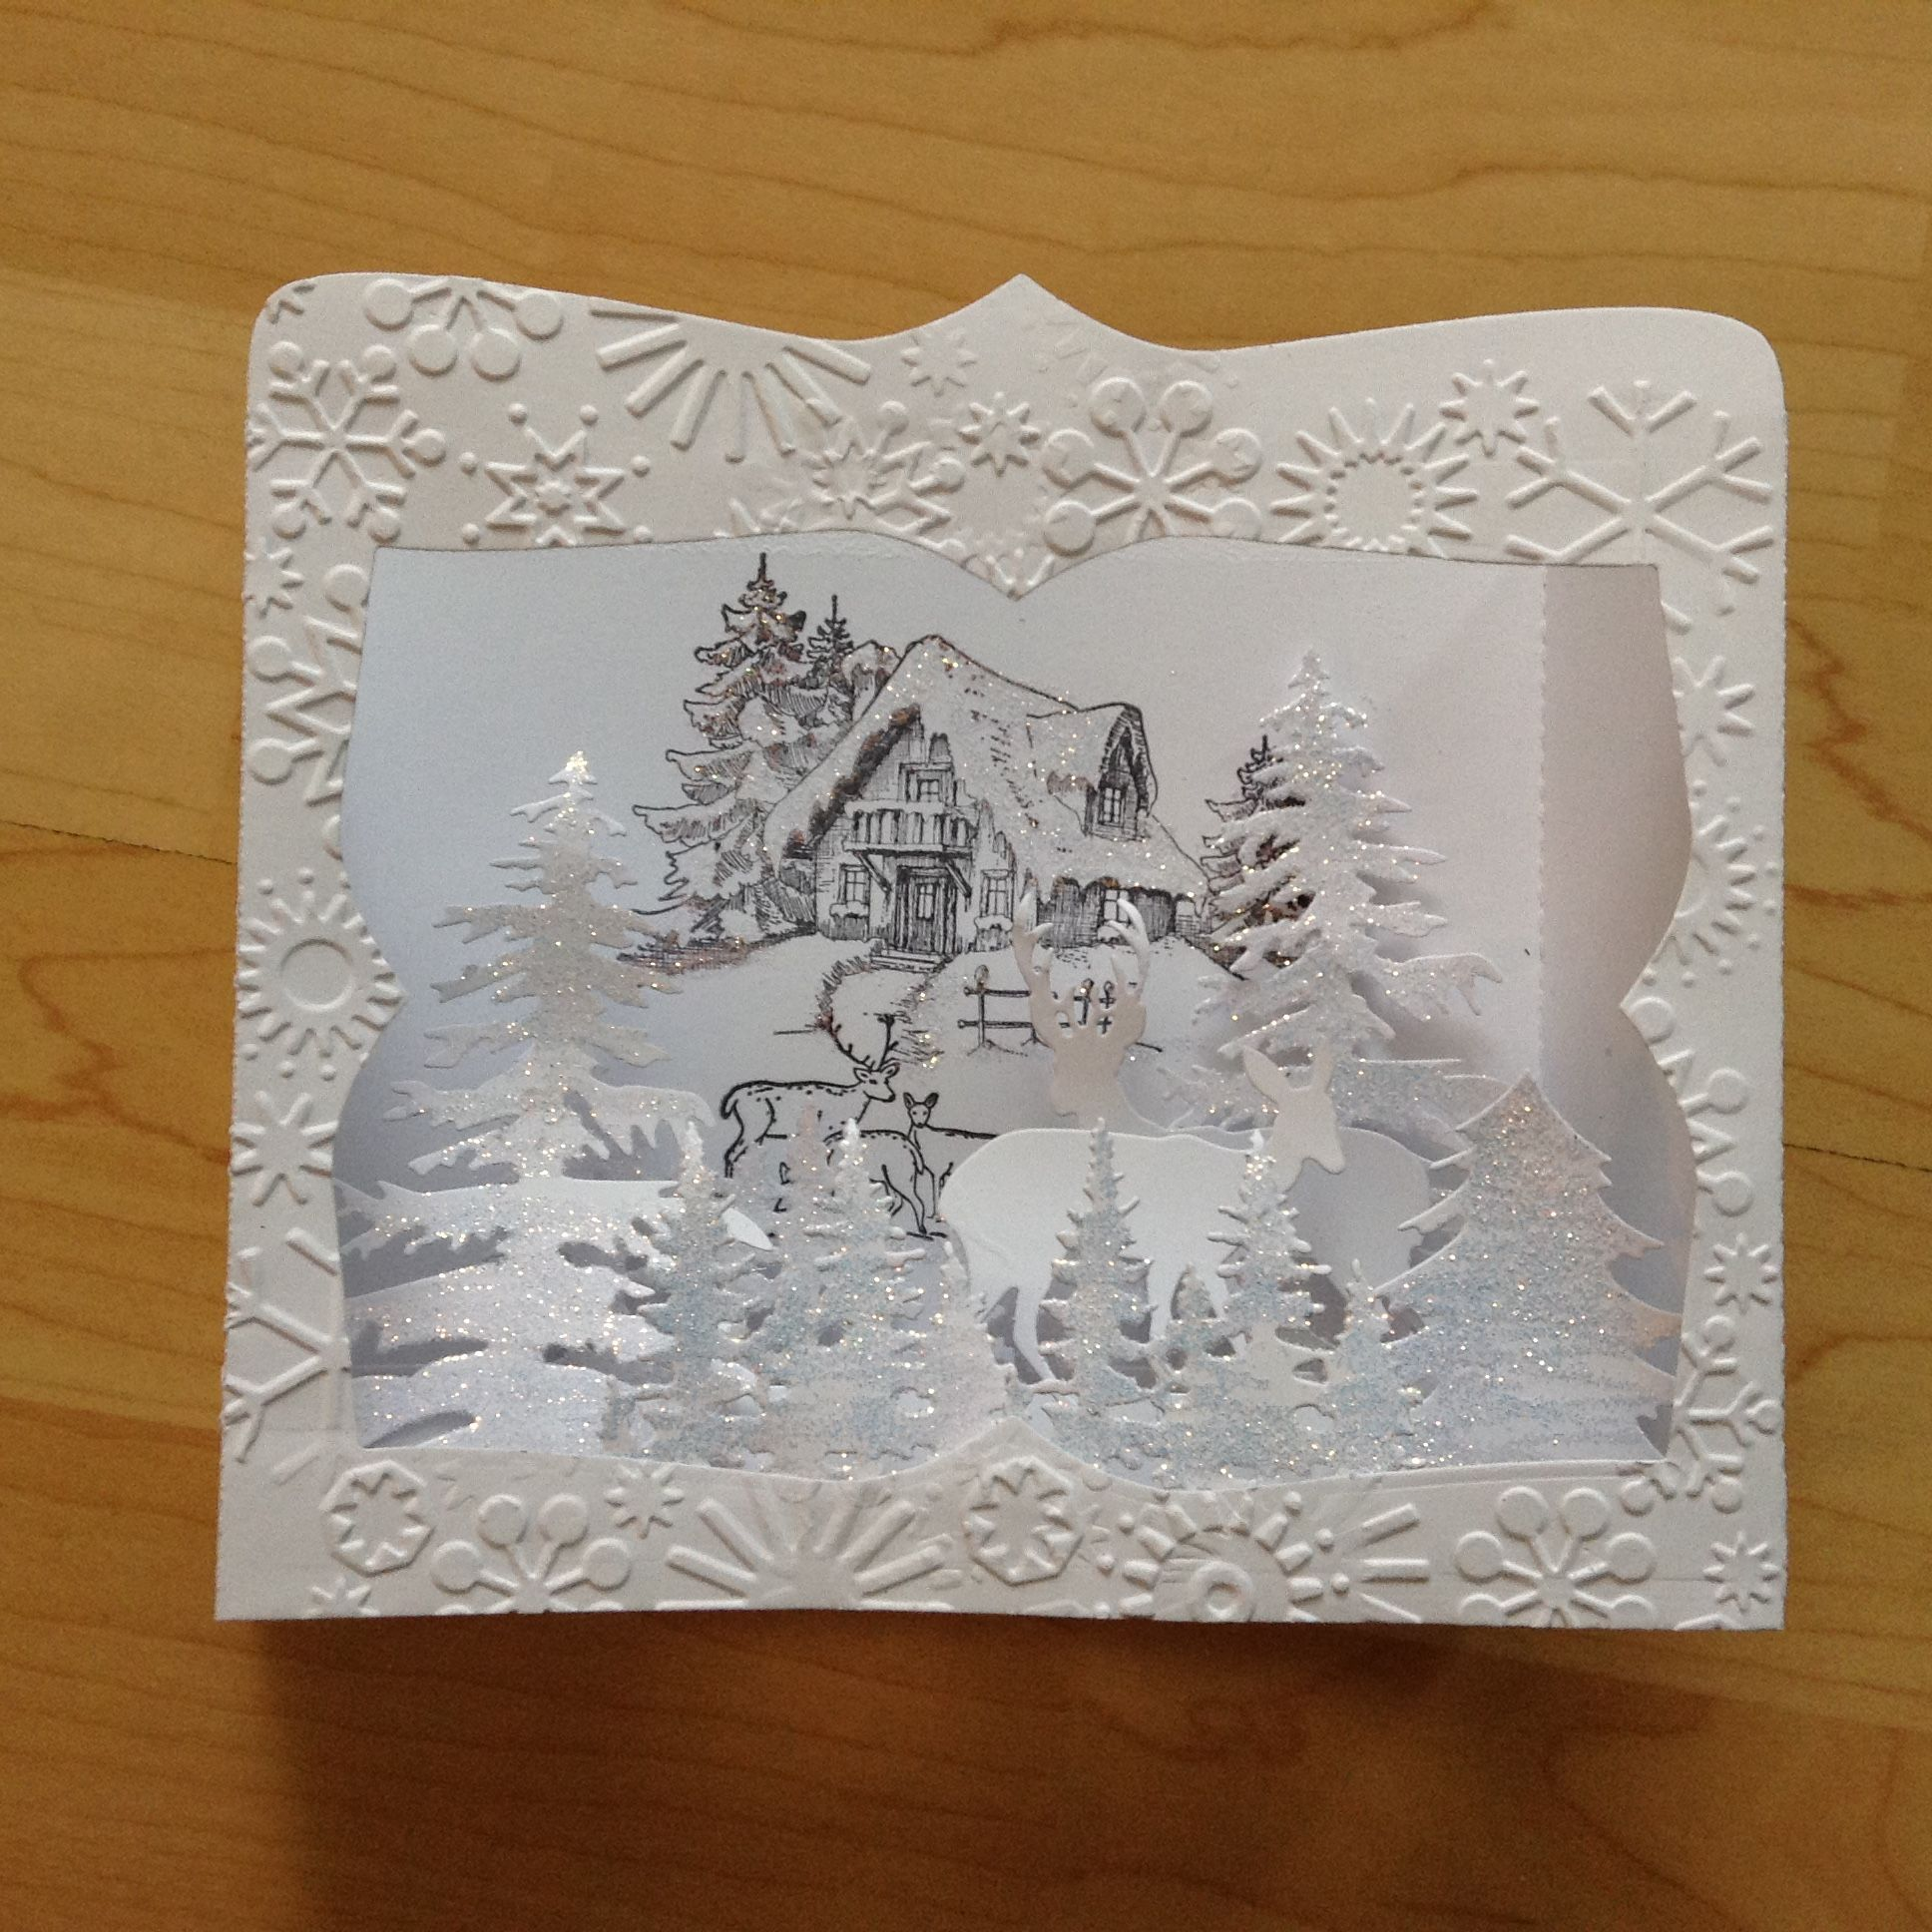 Die cut box Christmas card.